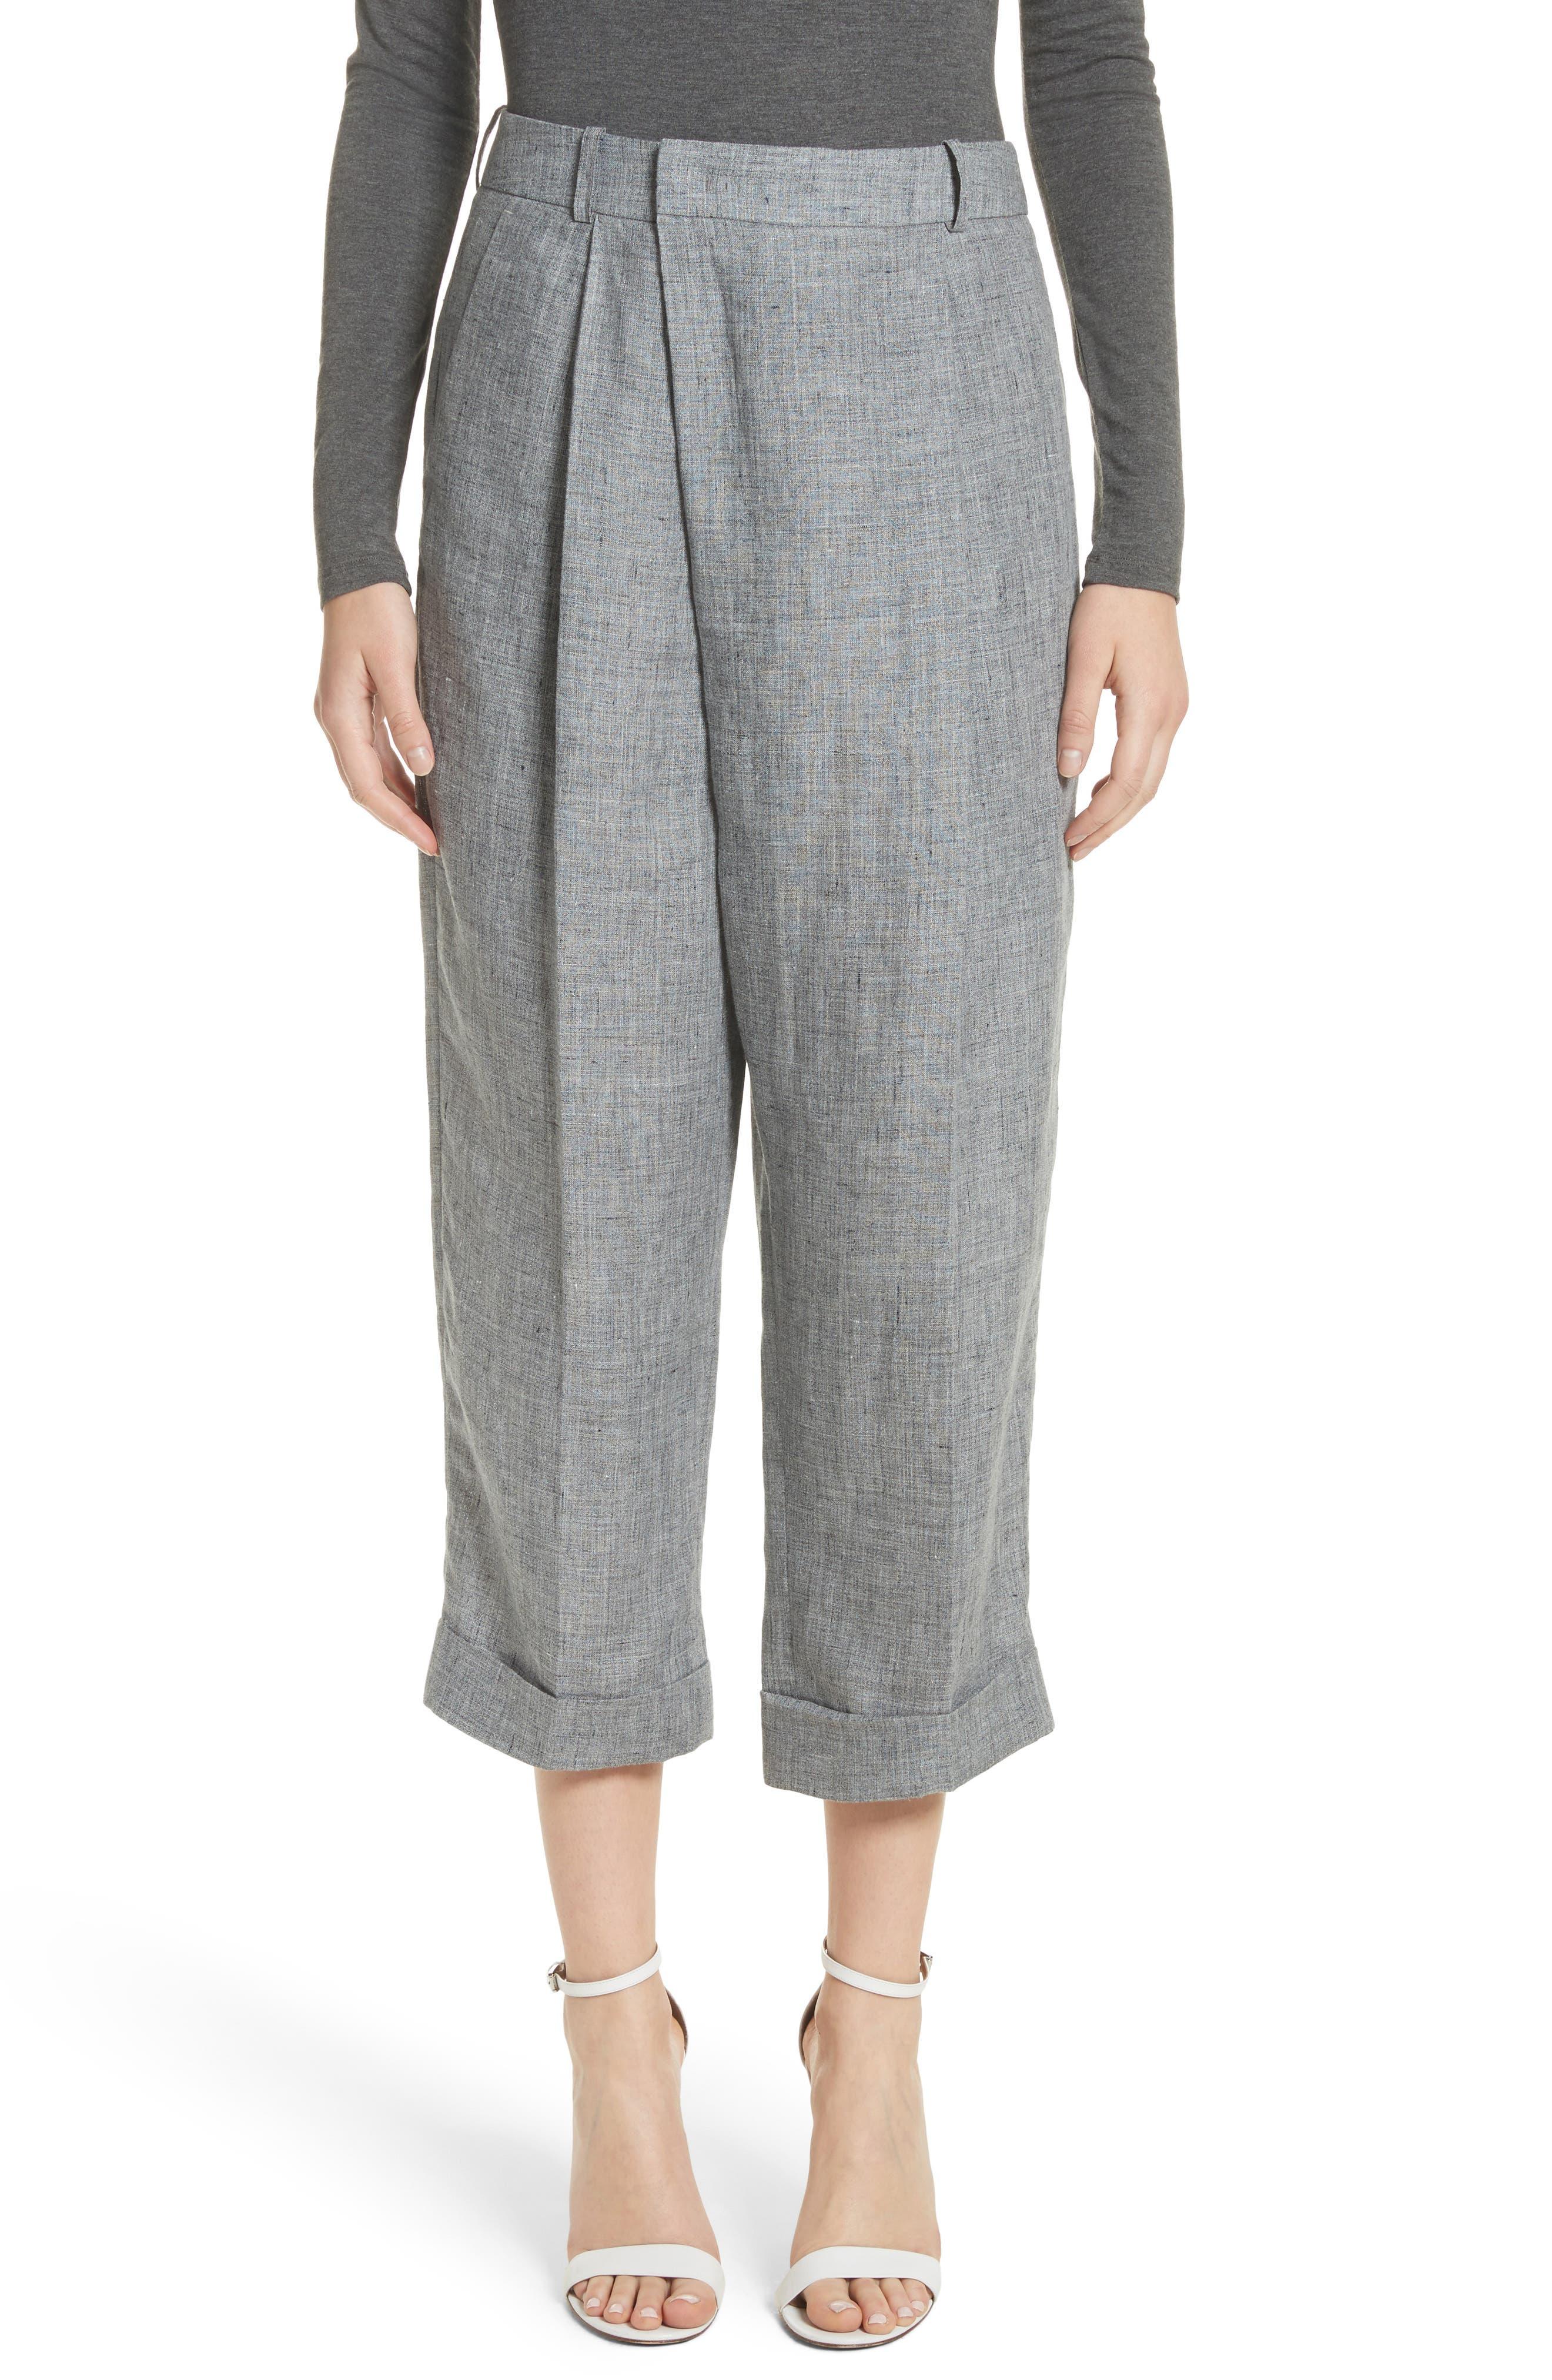 Cross Front Linen Crop Trousers,                             Main thumbnail 1, color,                             020